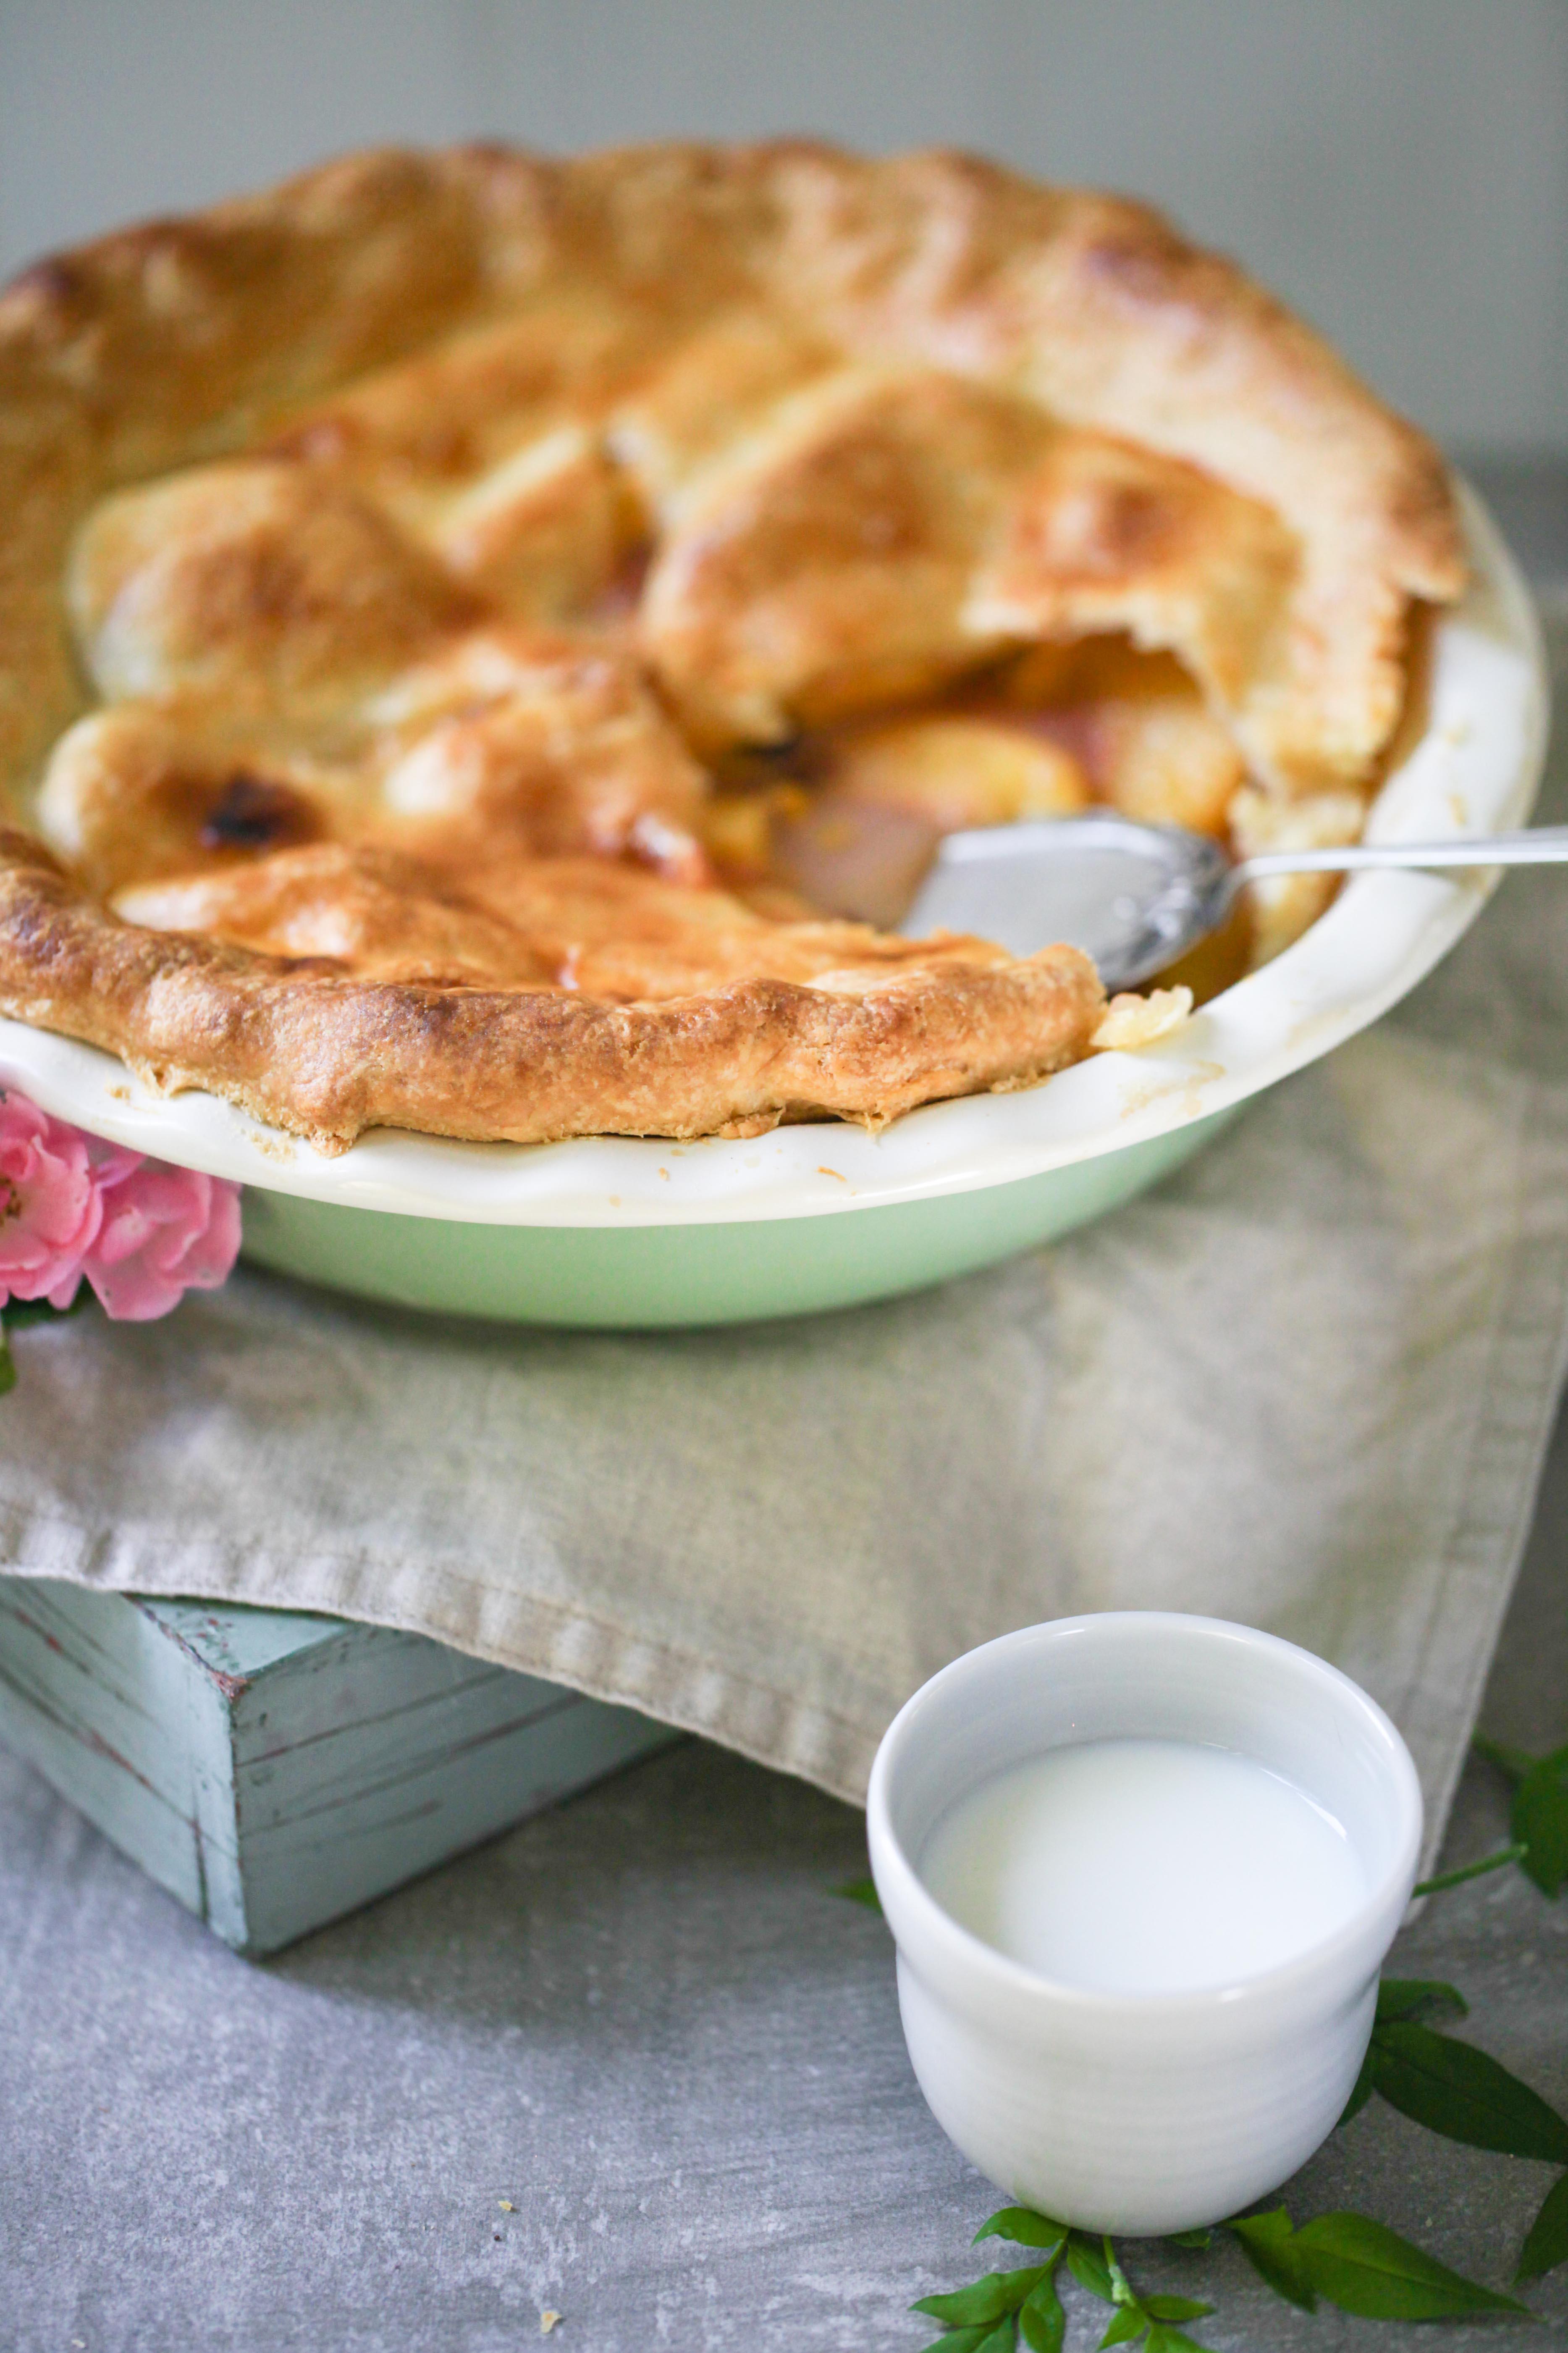 Rezept Peach Pie Pfirsich Tart Tarte Sommerkuchen Pfirsichkuchen Pfirsichtarte Backblog Foodblog Zuckerzimtundliebe-6